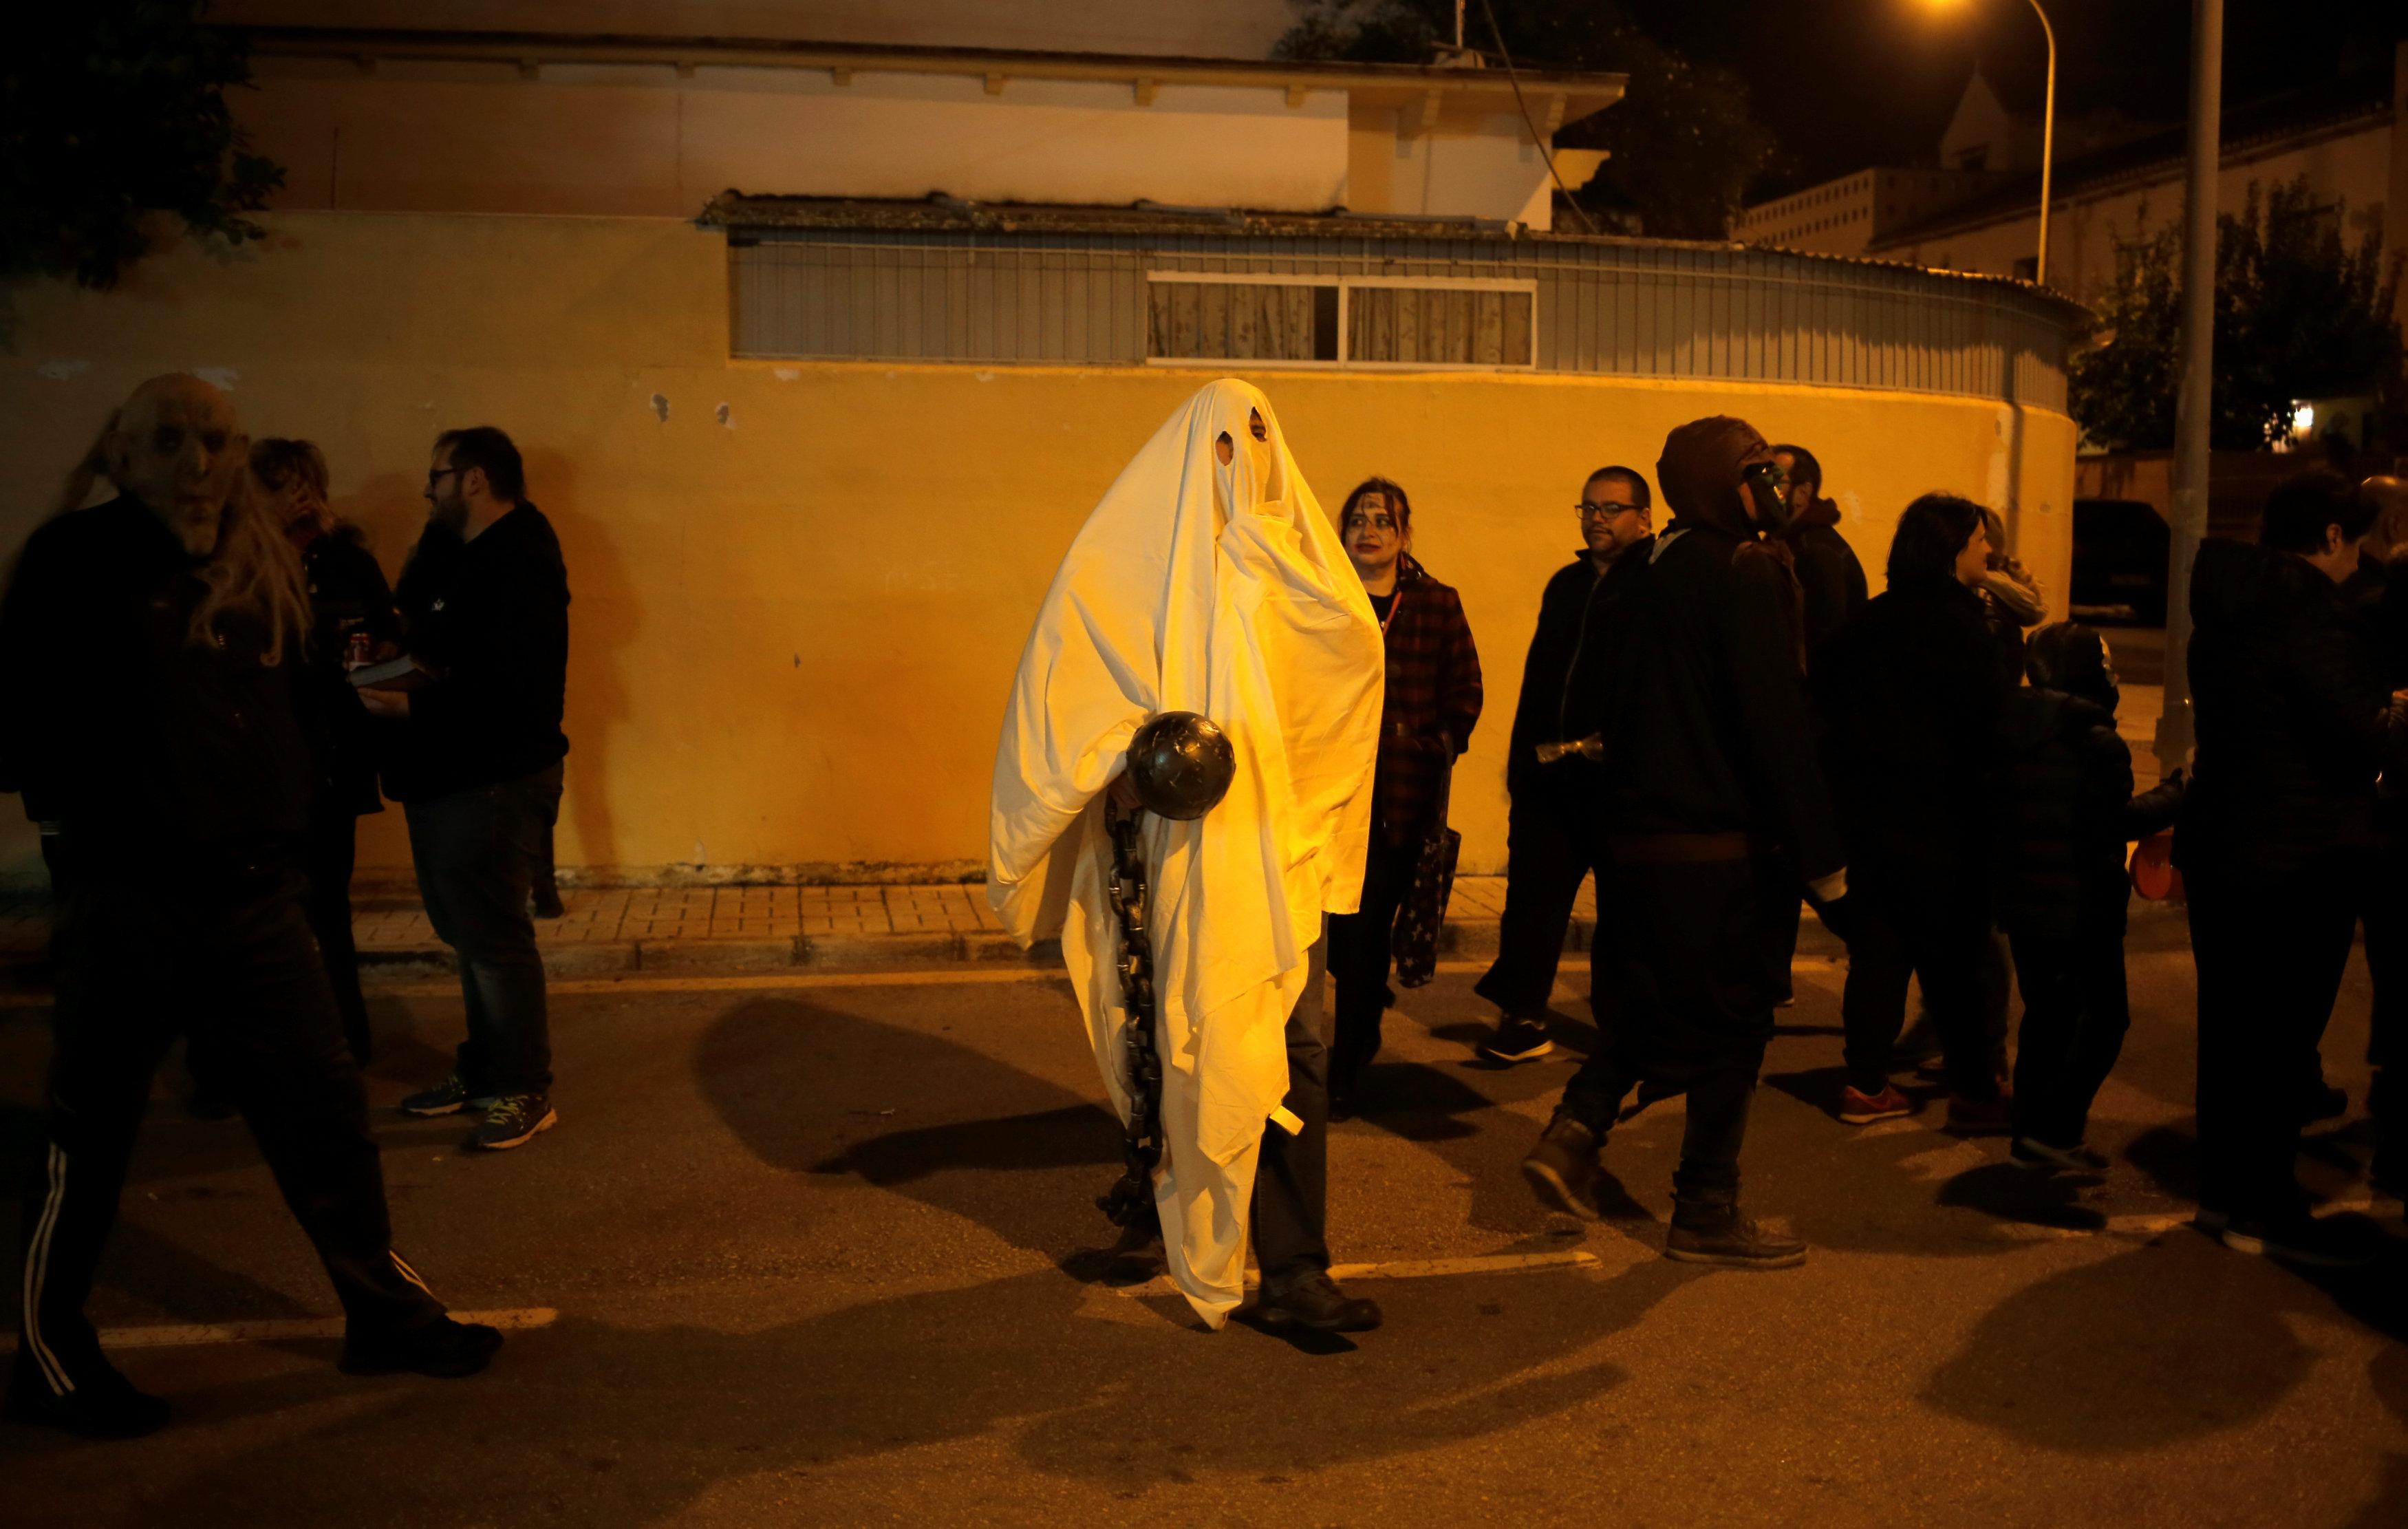 الرعب فى اسبانيا خلال احتفالات الهالوين